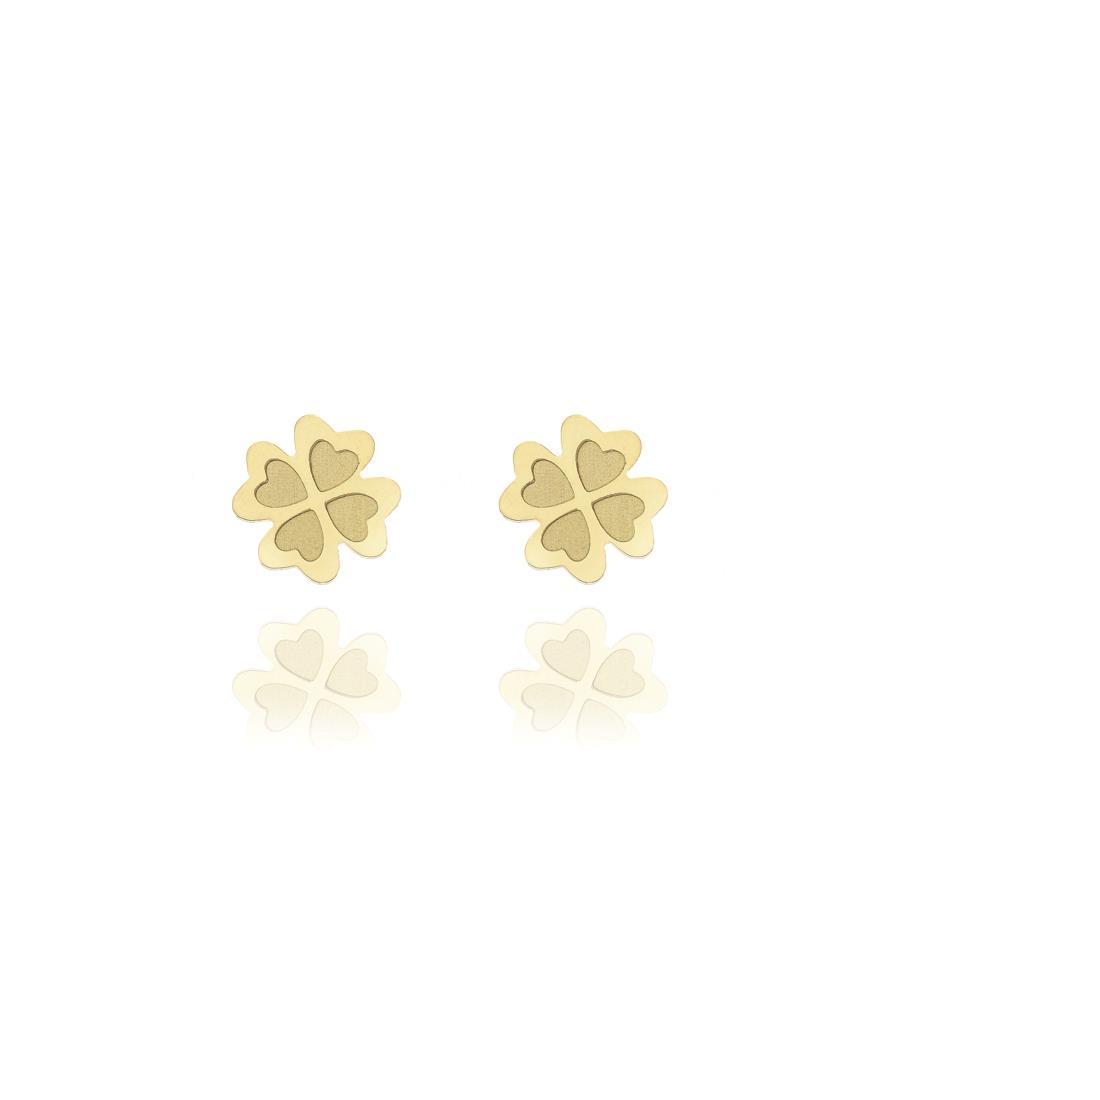 Orecchini a lobo in oro giallo 18 kt  design quadrifoglio - ELLA